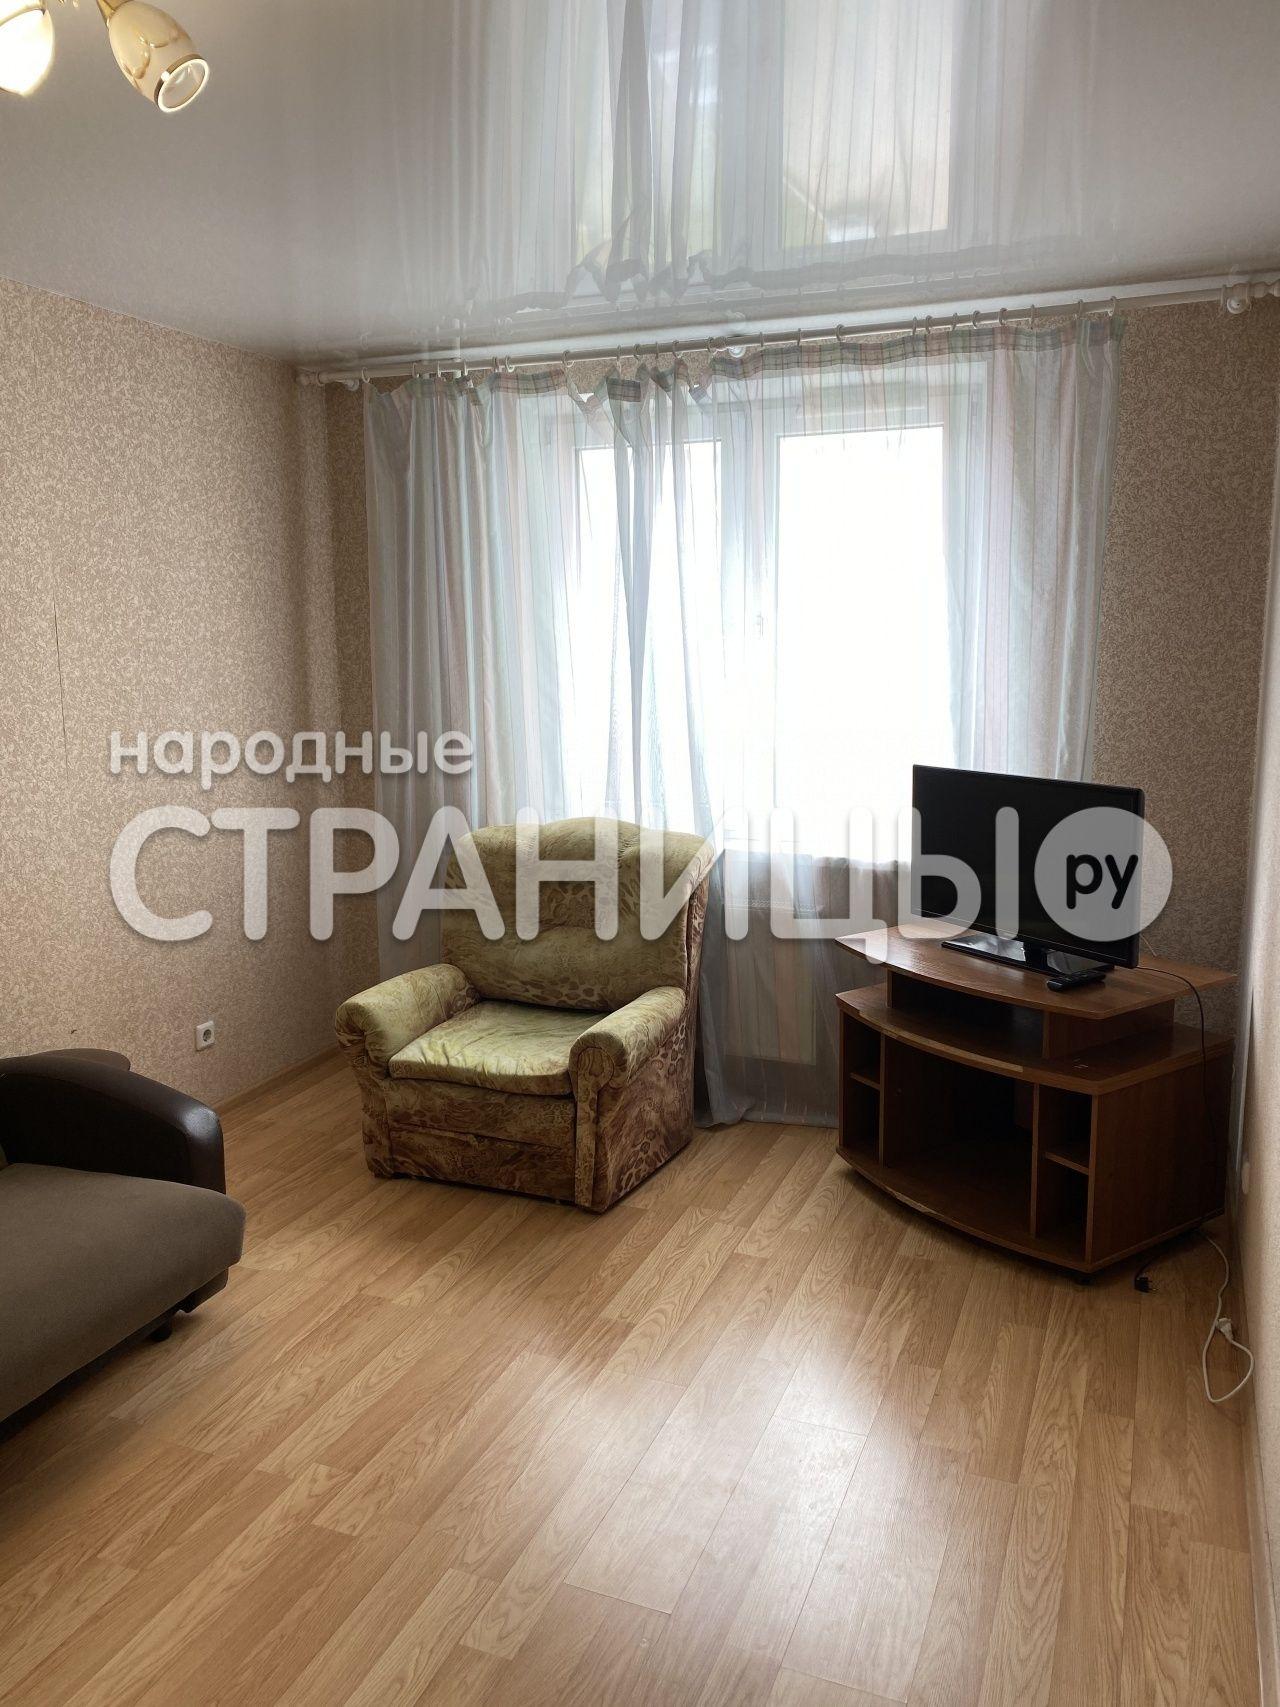 1-комнатная квартира, 34.5 м²,  4/16 эт. Панельный дом